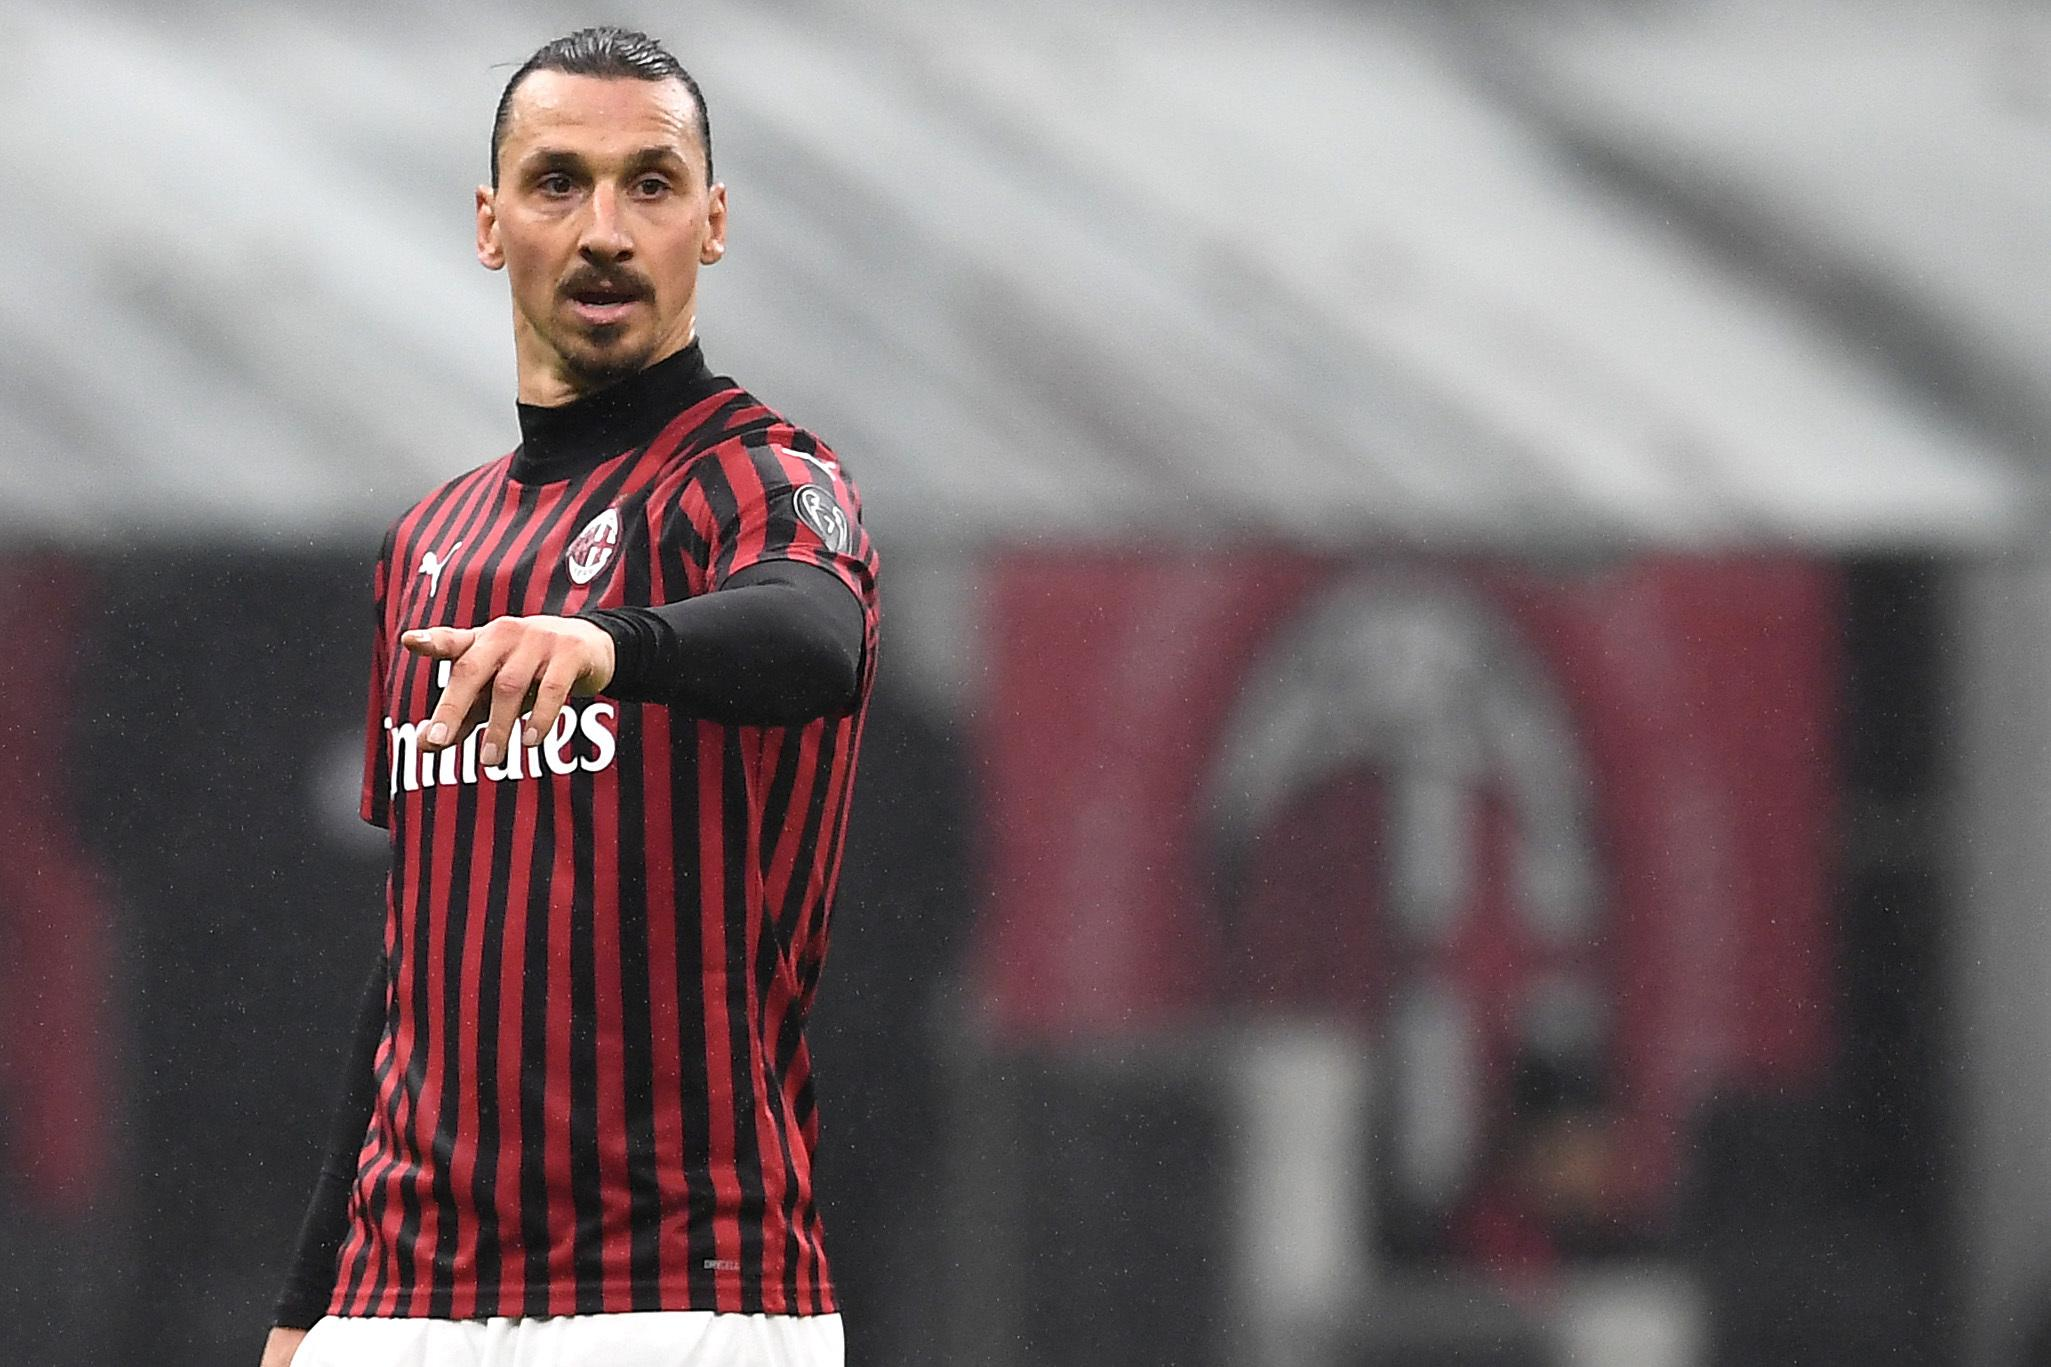 Överraskningen: Zlatan uppges aktuell för klubb i Serie C (!)